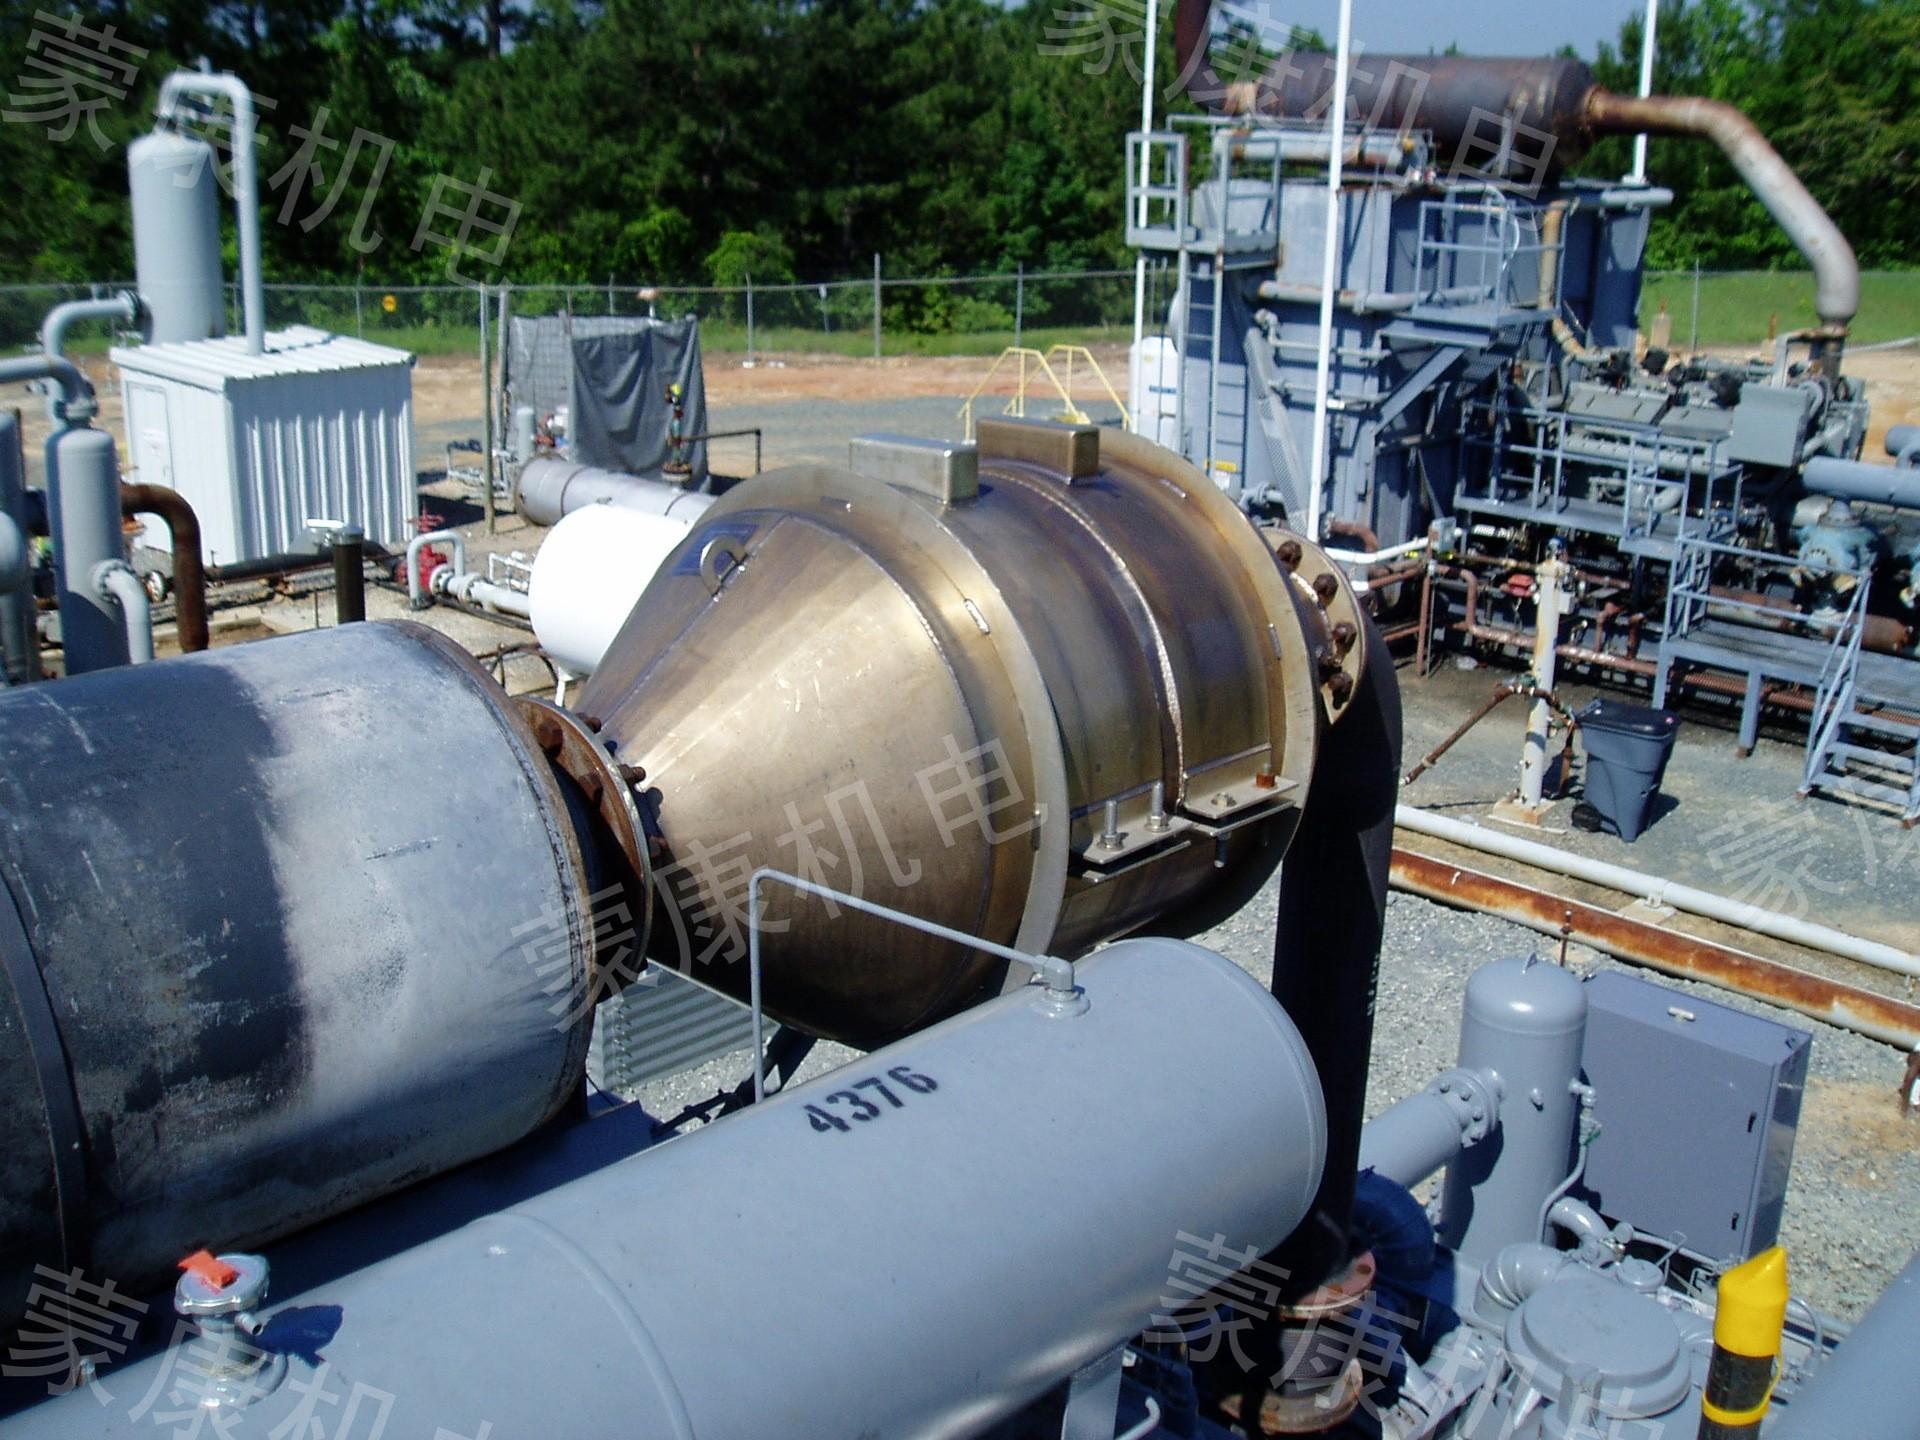 产品简介: RBS系列陶瓷滤芯式柴油机尾气净化器,是借鉴和应用国外成熟的DOC和DPF等先进技术所研发设计的尾气后处理产品,其工作原理已经为国内外业界广为接受; 可以减少高达90%的尾气颗粒物质、95%的一氧化碳、90%的碳氢化合物; 内部催化剂载体均采用性质稳定的金属箔设计,确保经久耐用; 标准的外壳可以合理利用双重催化剂成分,满足更加严格的排放控制要求。 技术分类: 氧化催化剂 被处理物质 柴油机尾气 CO HC PM 三元催化剂 NOx CO HC 工作原理: RBS系列陶瓷滤芯式柴油机尾气净化器